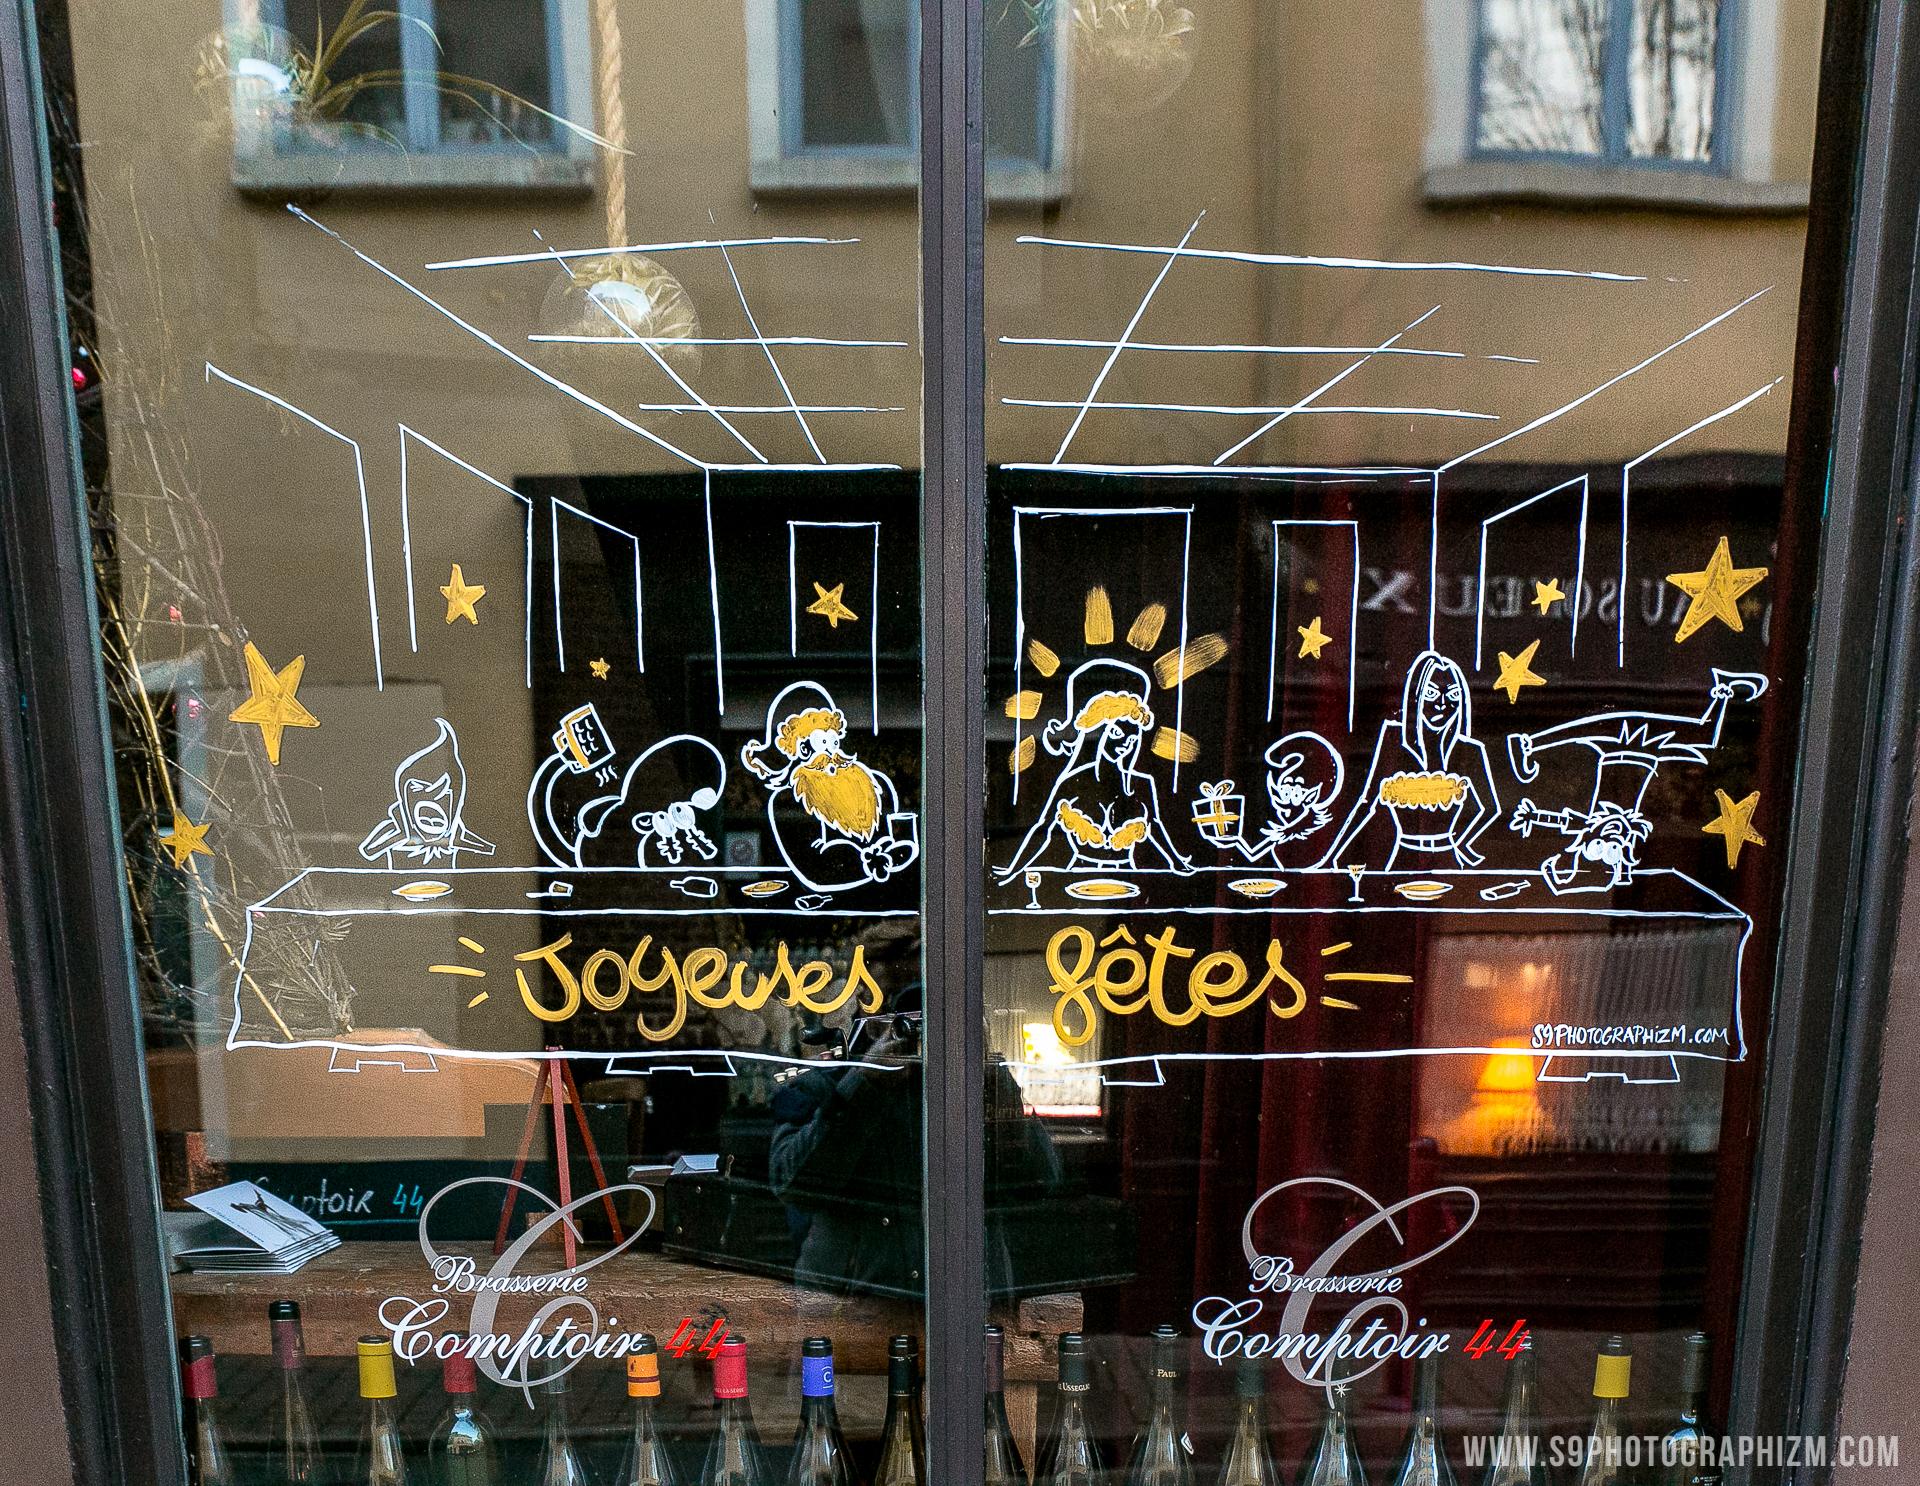 Image Vitrine Noel.Vitrine Noel Restaurant Rue De Gand Lille Le Comptoir 44 3